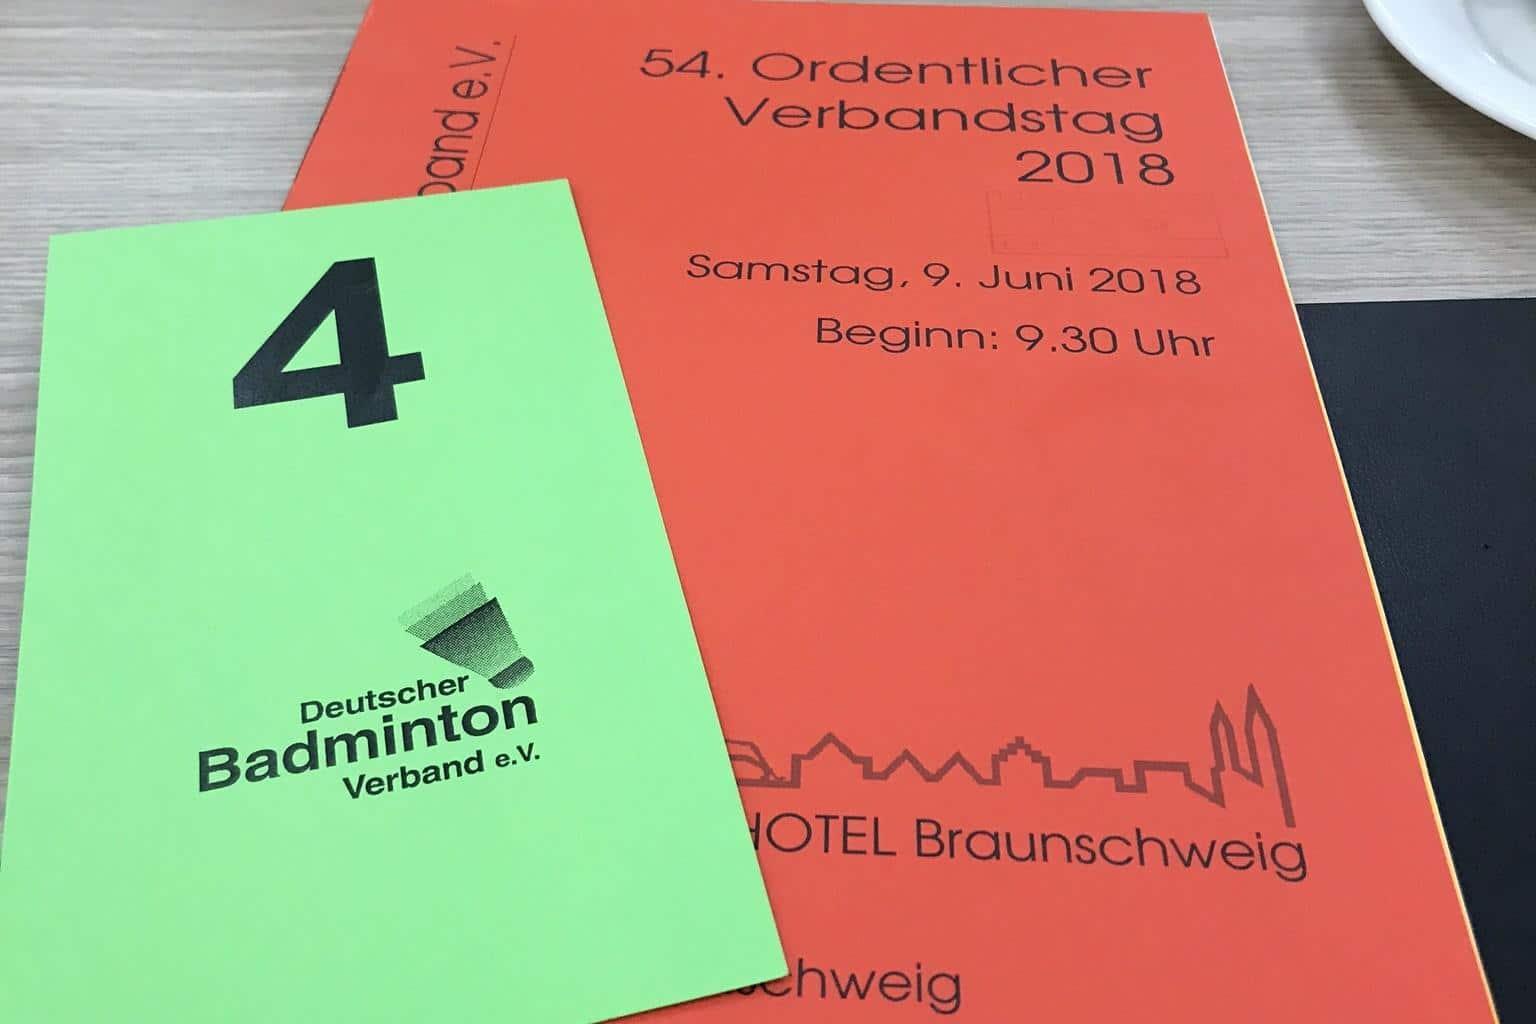 Rückblick auf den 54. DBV-Verbandstag 2018 in Braunschweig